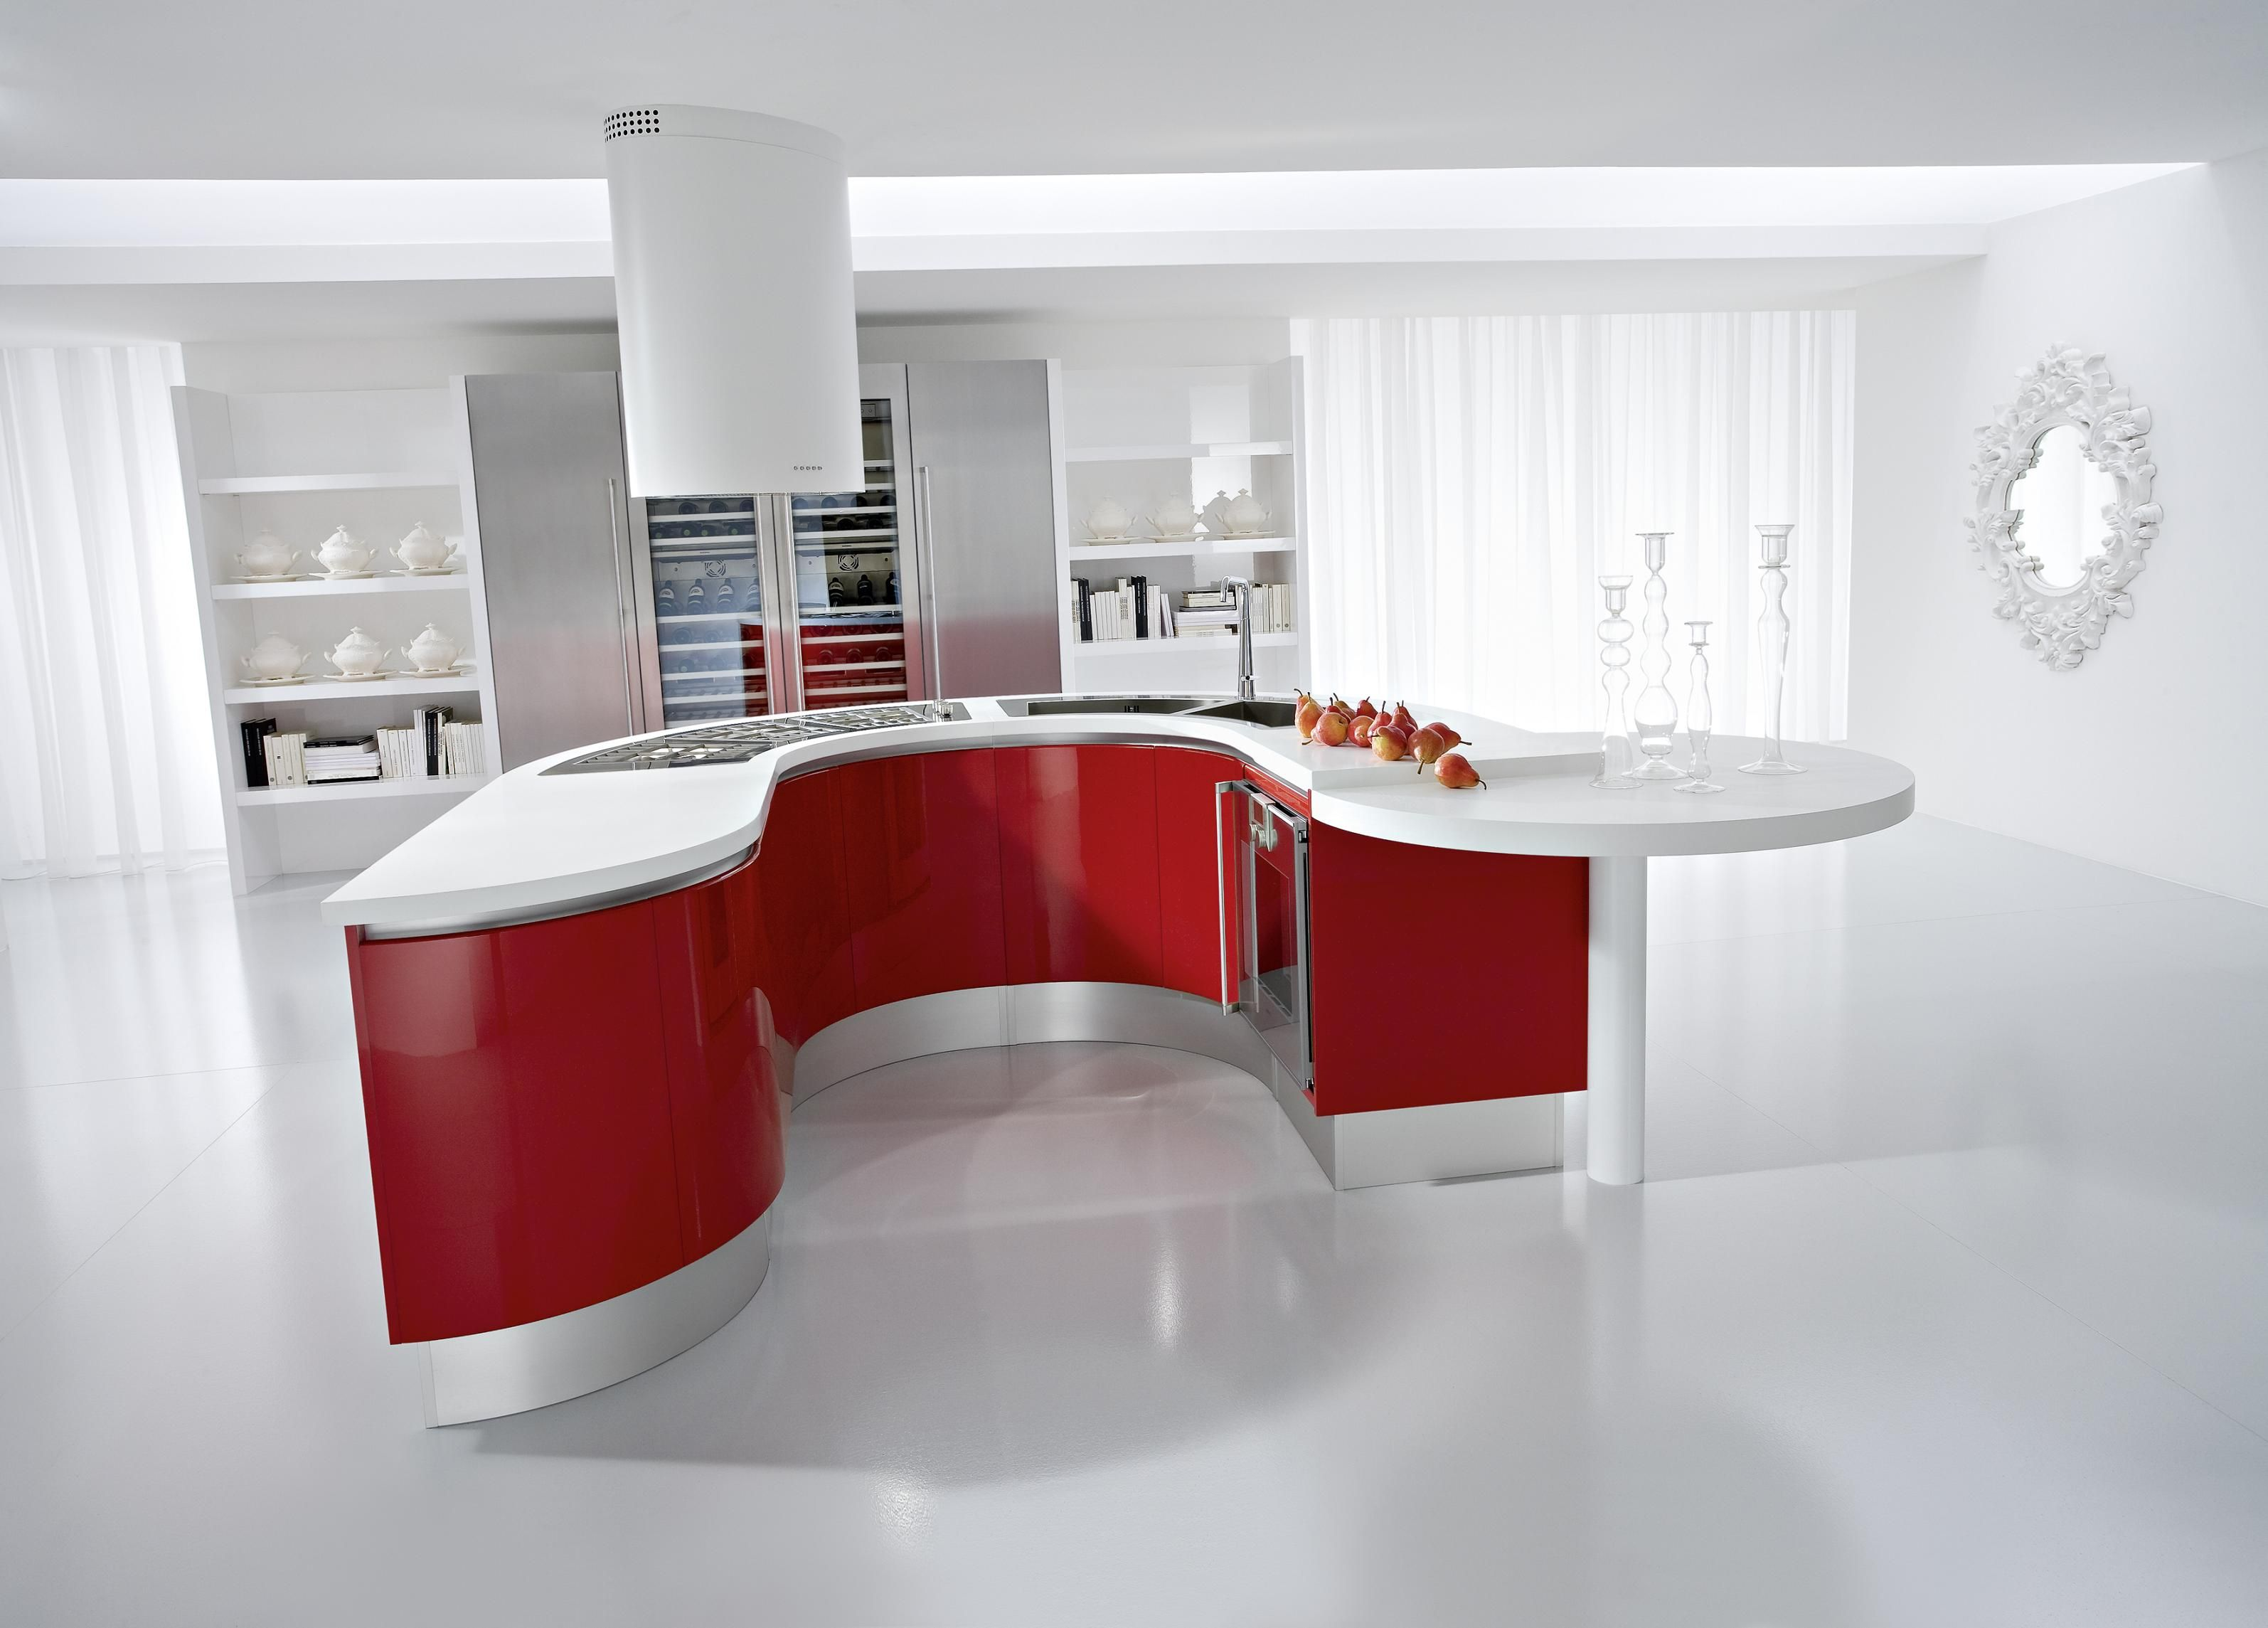 Kitchen Images Red Kitchens European Kitchen Design Italian Kitchen Design Contemporary Kitchen Design